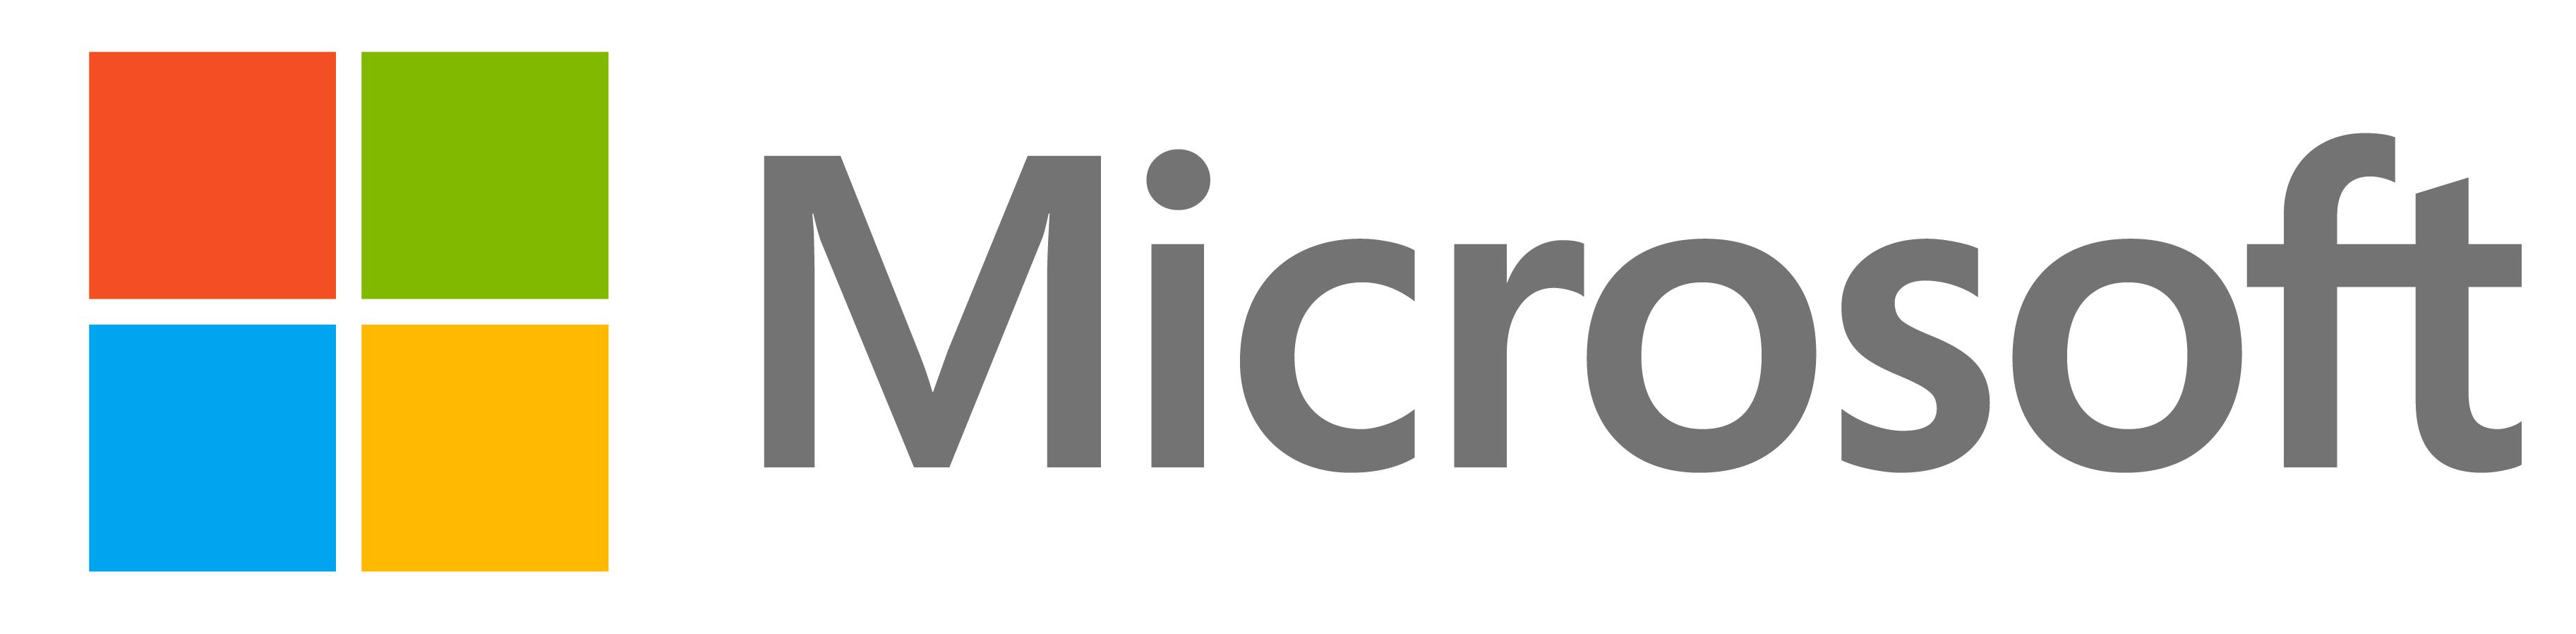 Майкрософт Офис Поинт Скачать